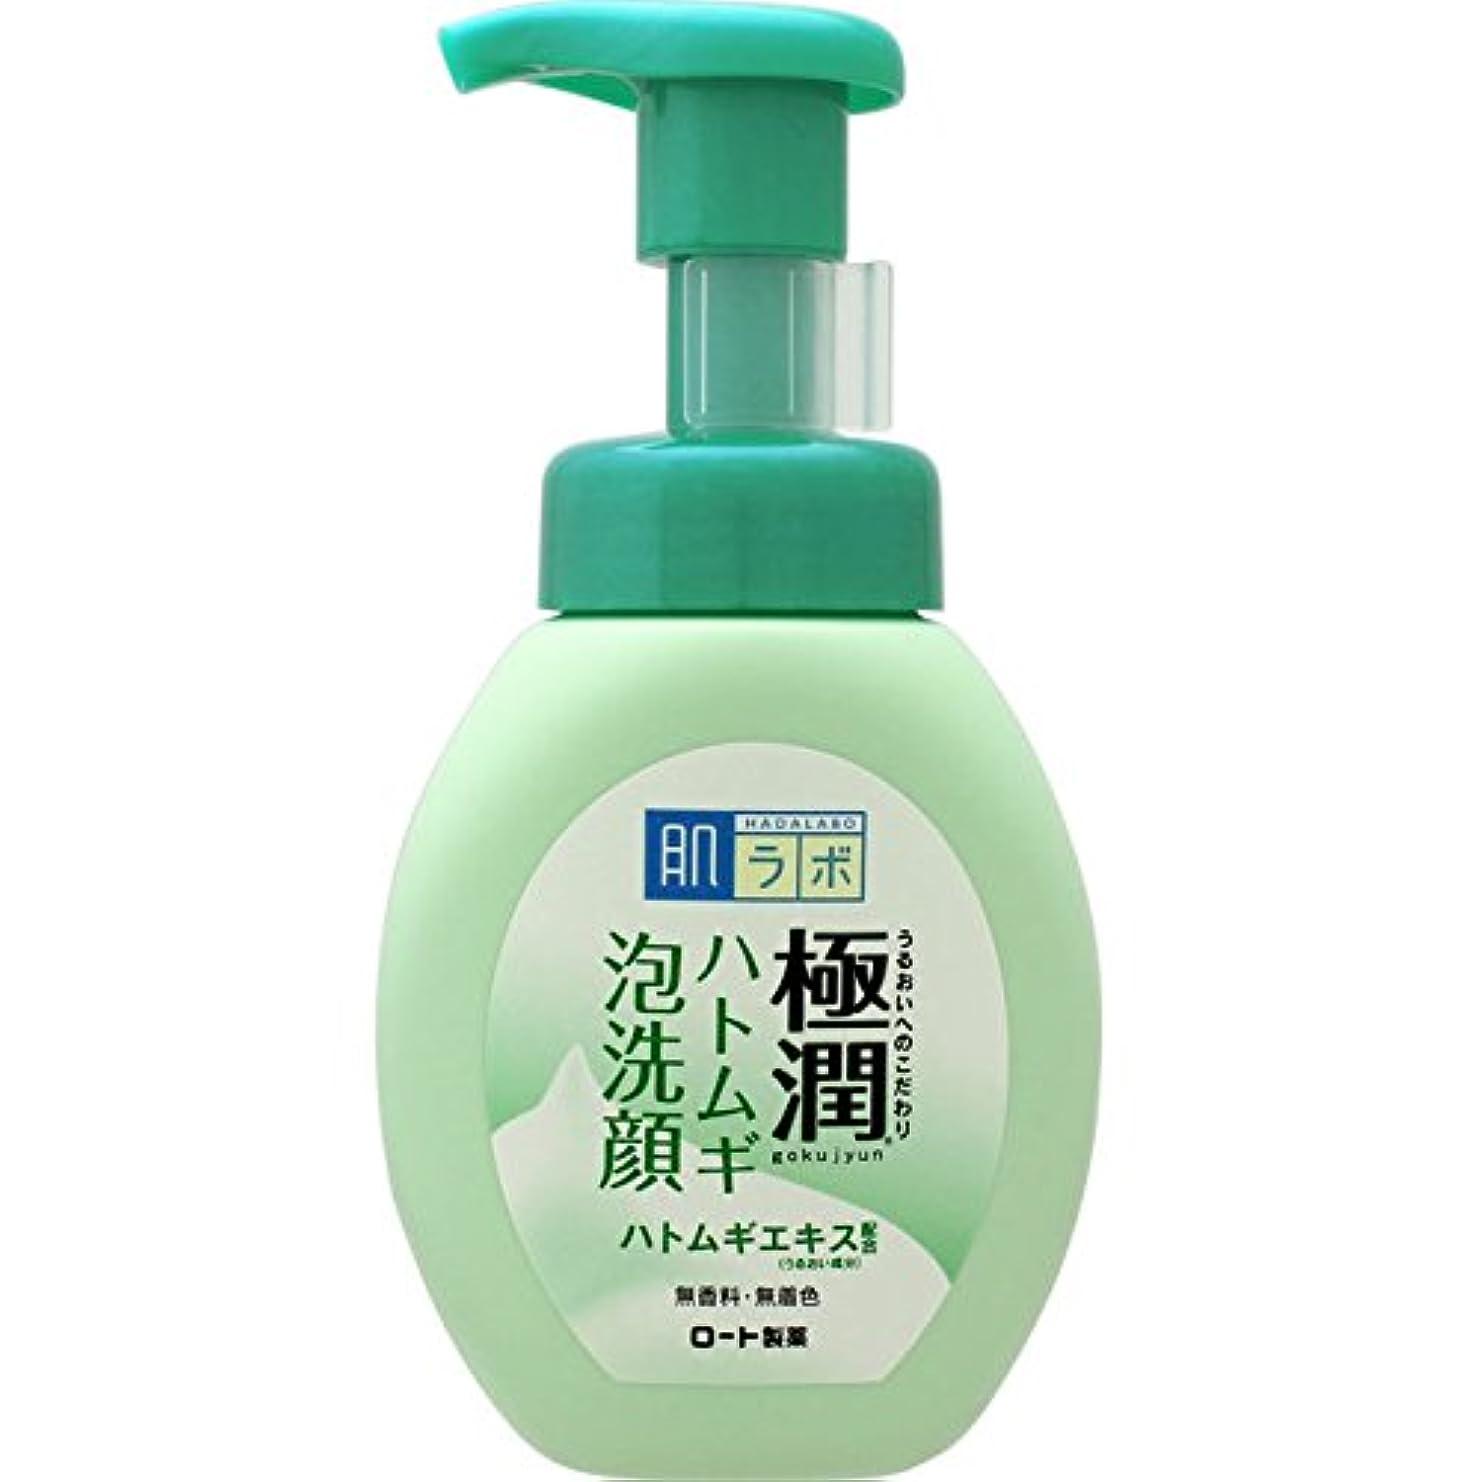 肌ラボ 極潤 毛穴洗浄 大人ニキビ予防 ハトムギ泡洗顔 160mL